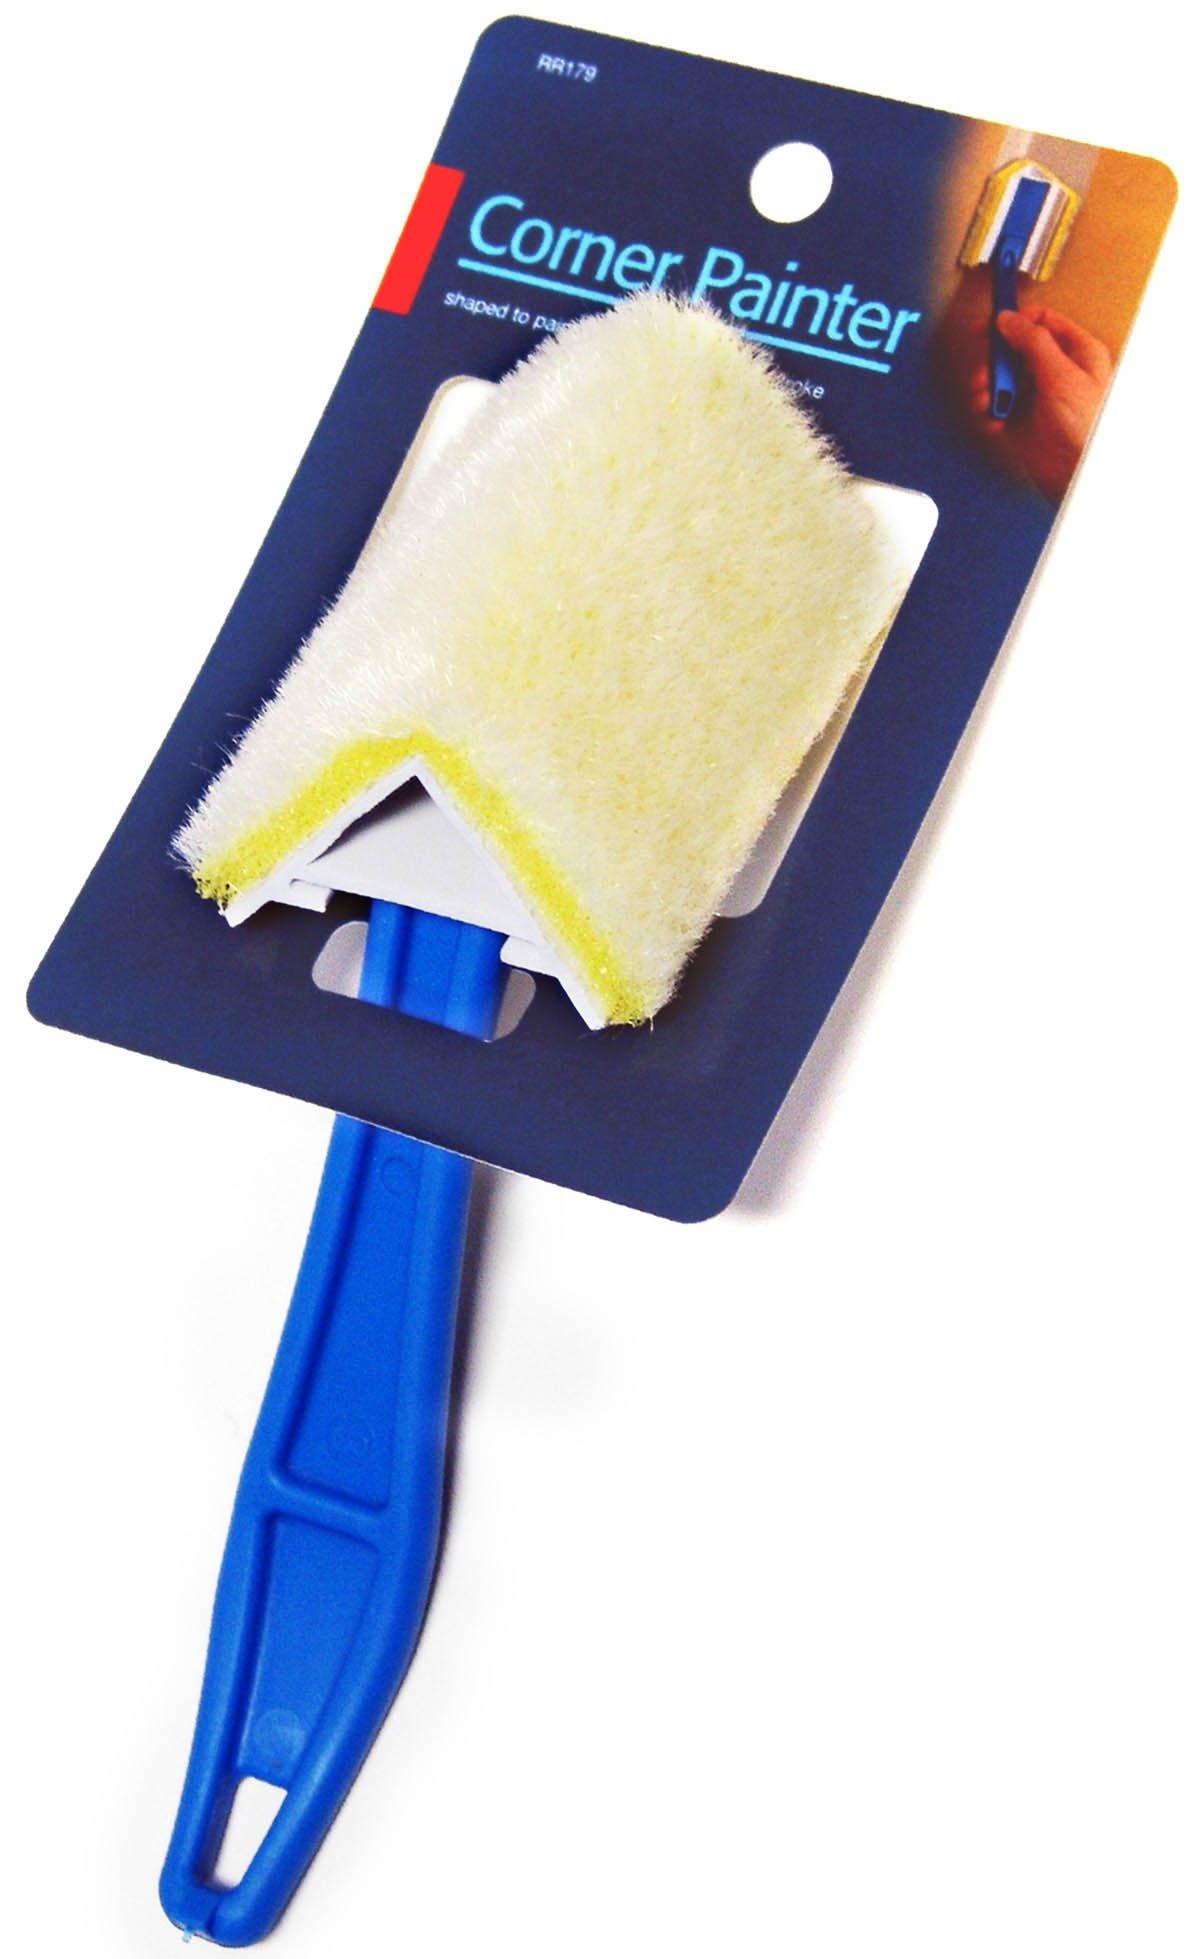 Wooster Brush RR179 Corner Painter